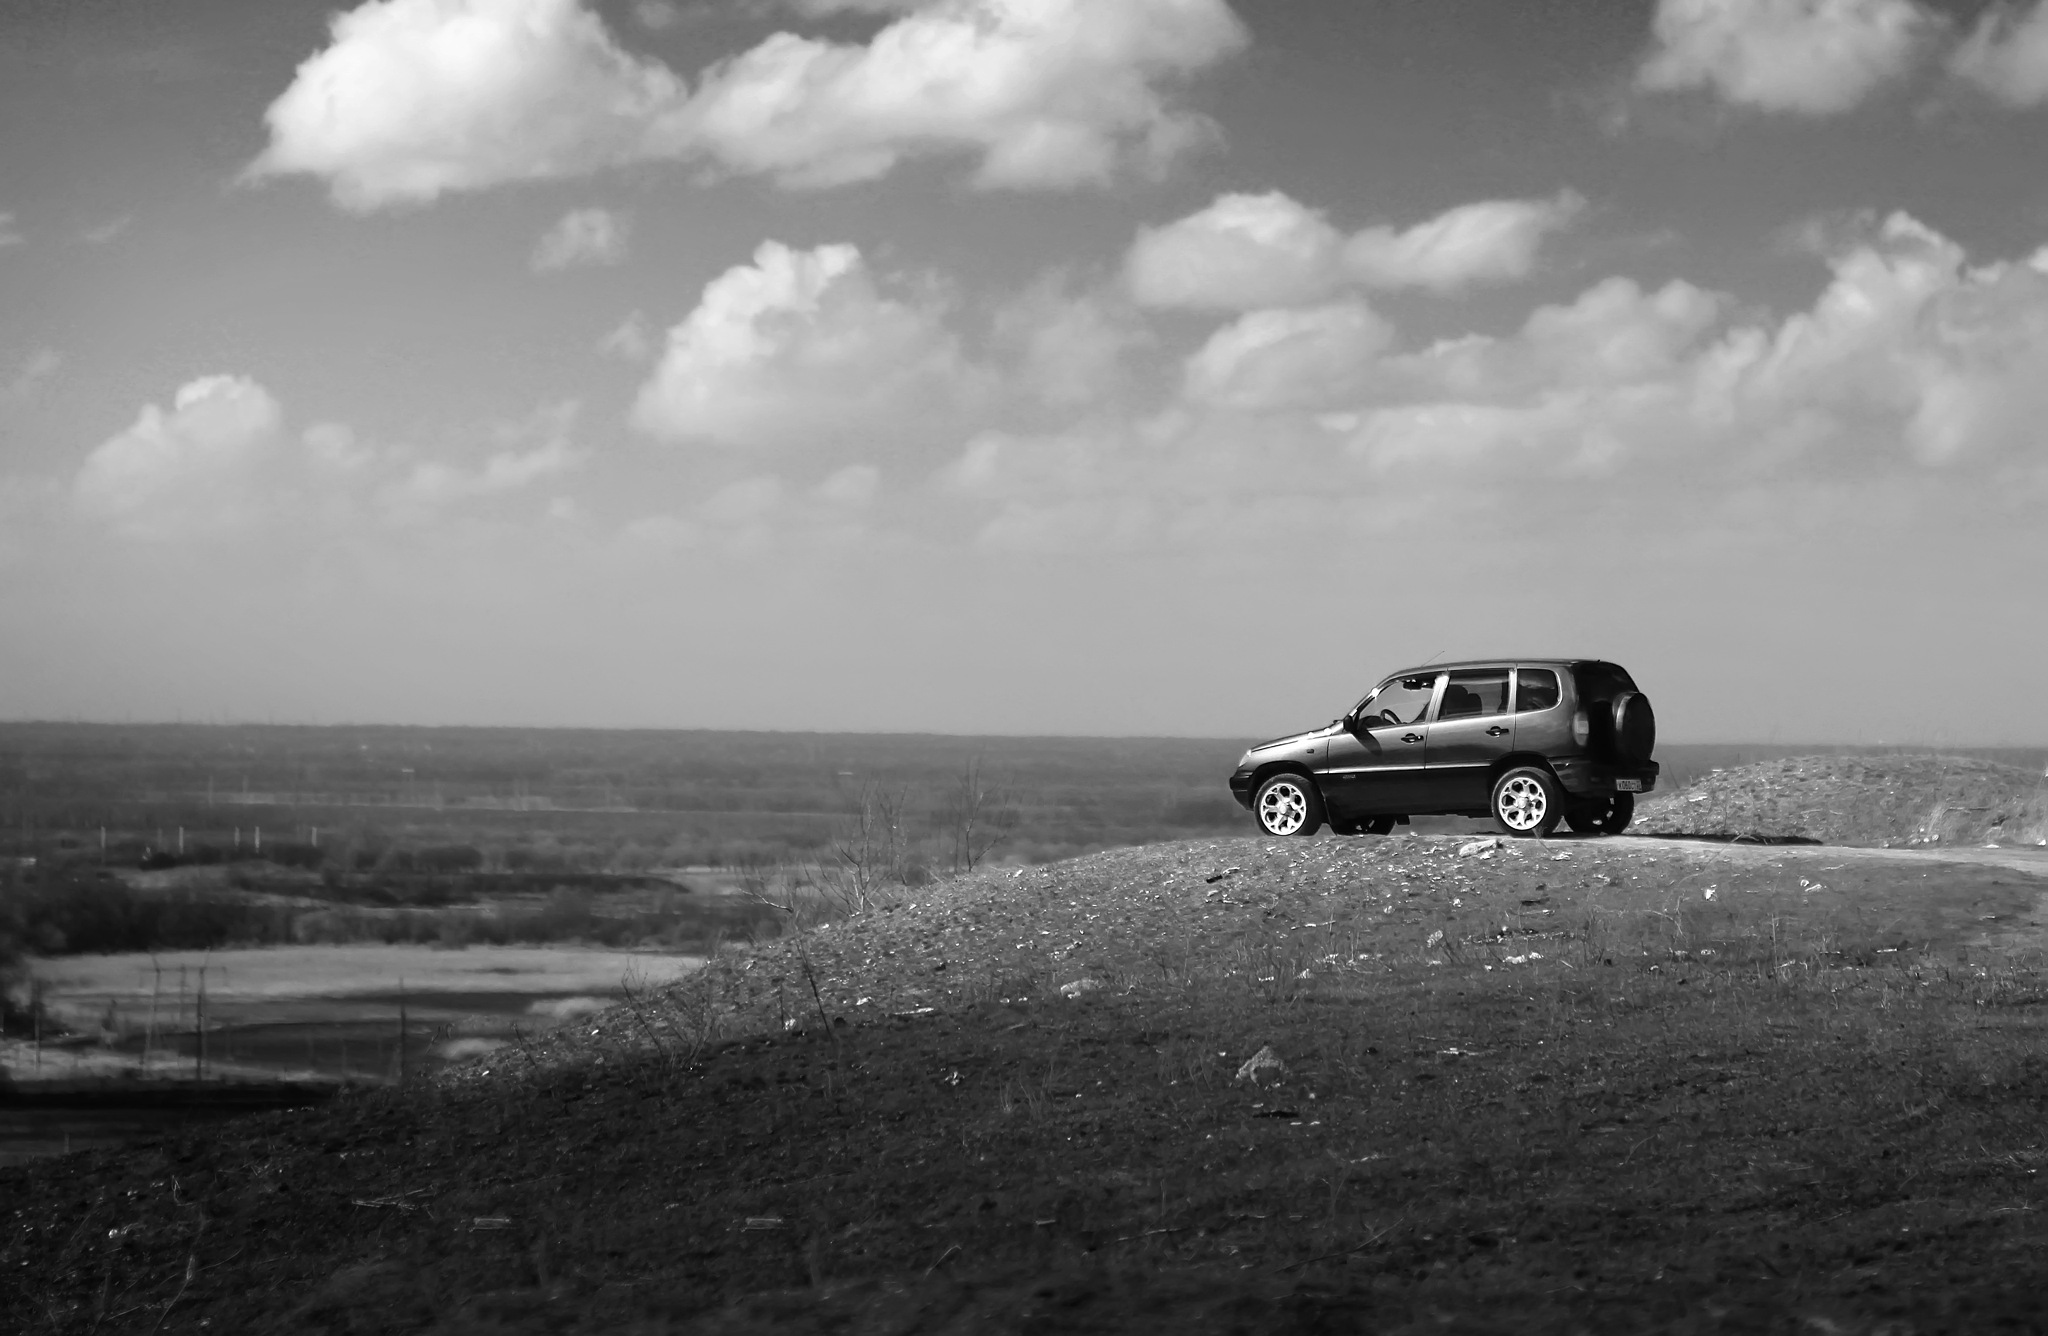 Untitled by Alexey Kolenkin